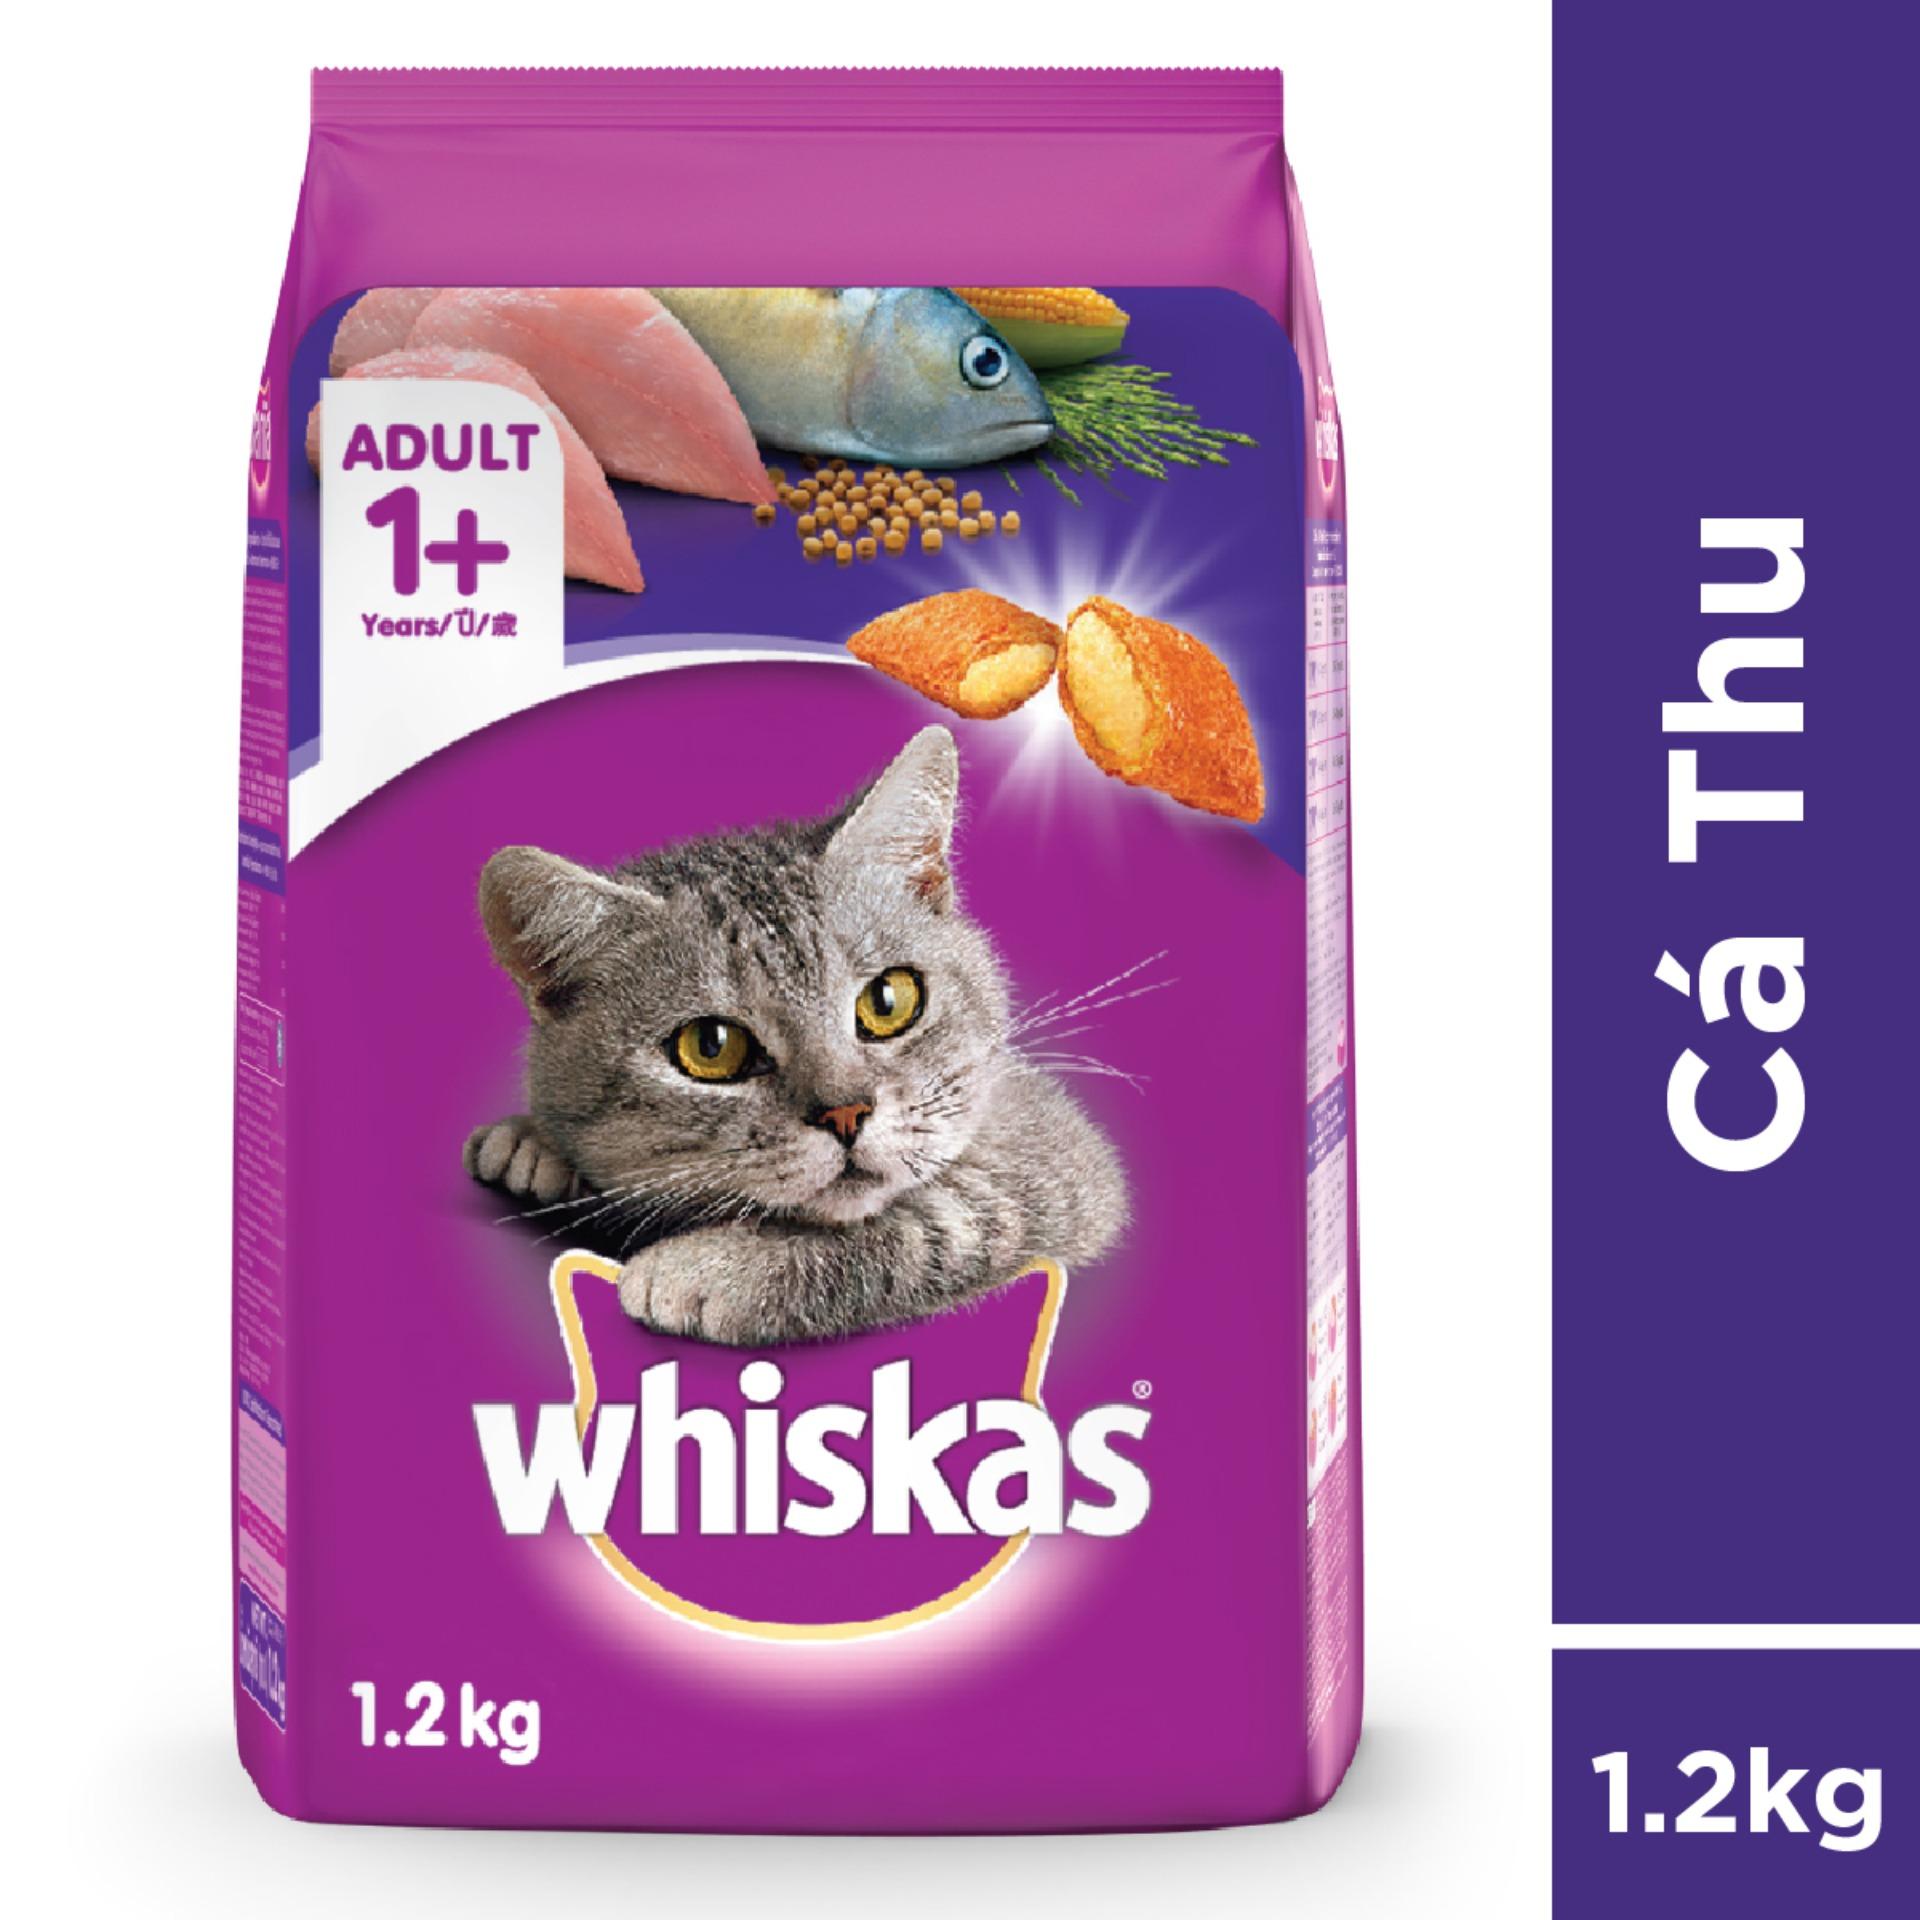 Thức ăn Mèo Whiskas Vị Cá Thu Túi 1.2kg Giá Rẻ Bất Ngờ